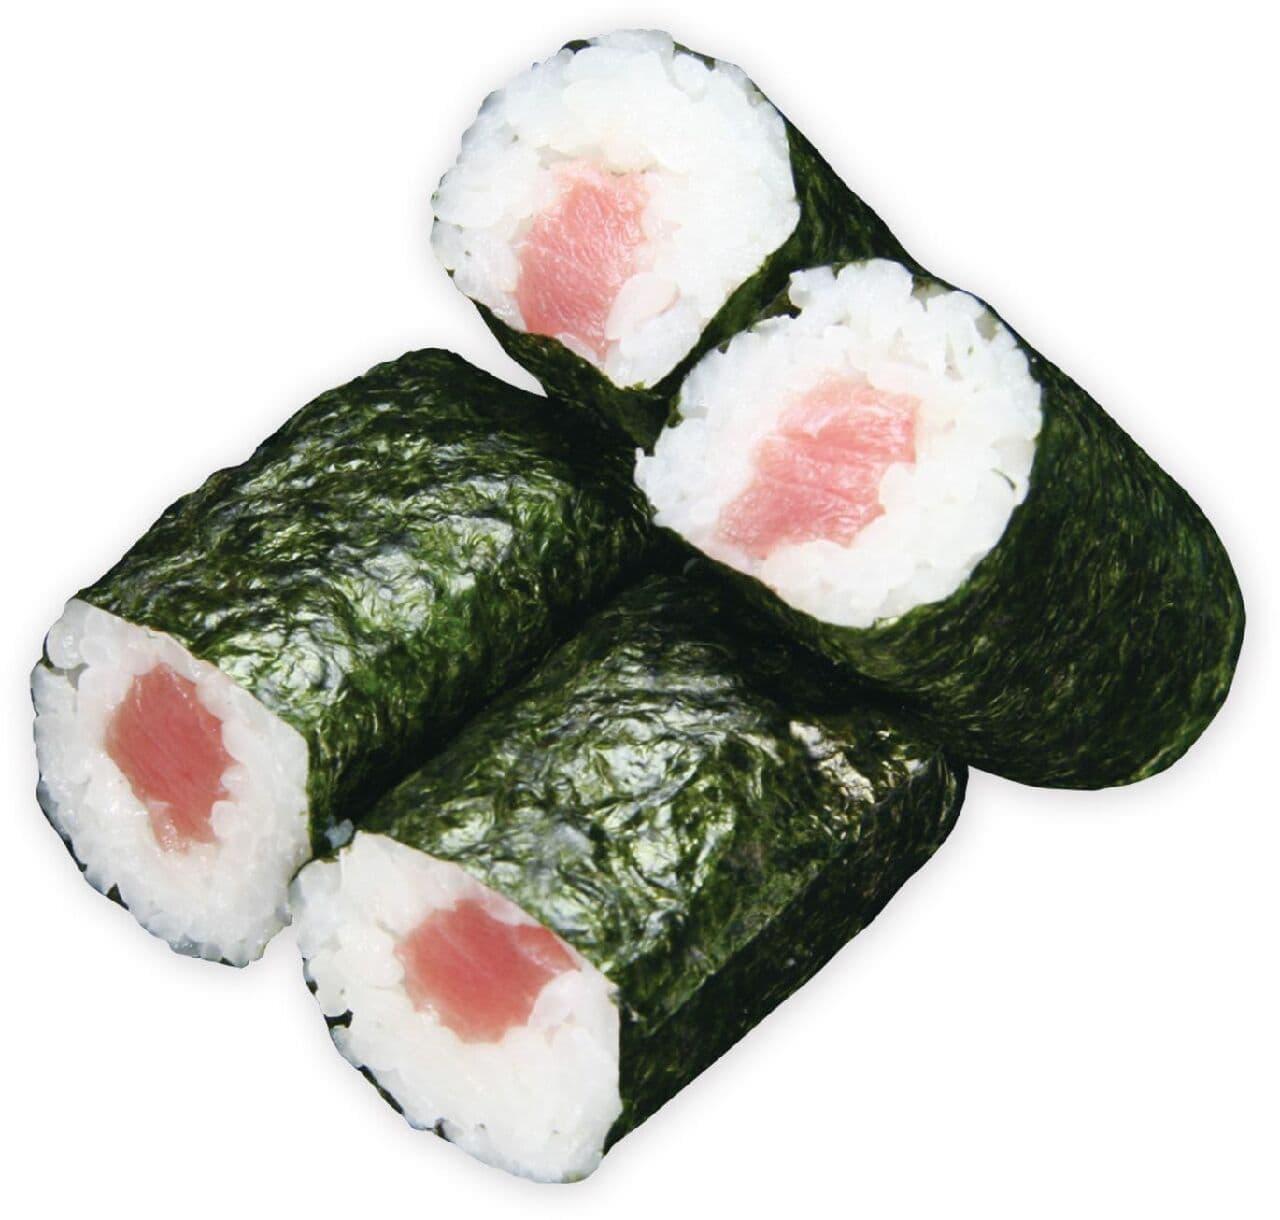 くら寿司の裏メニュー「とろ鉄火」